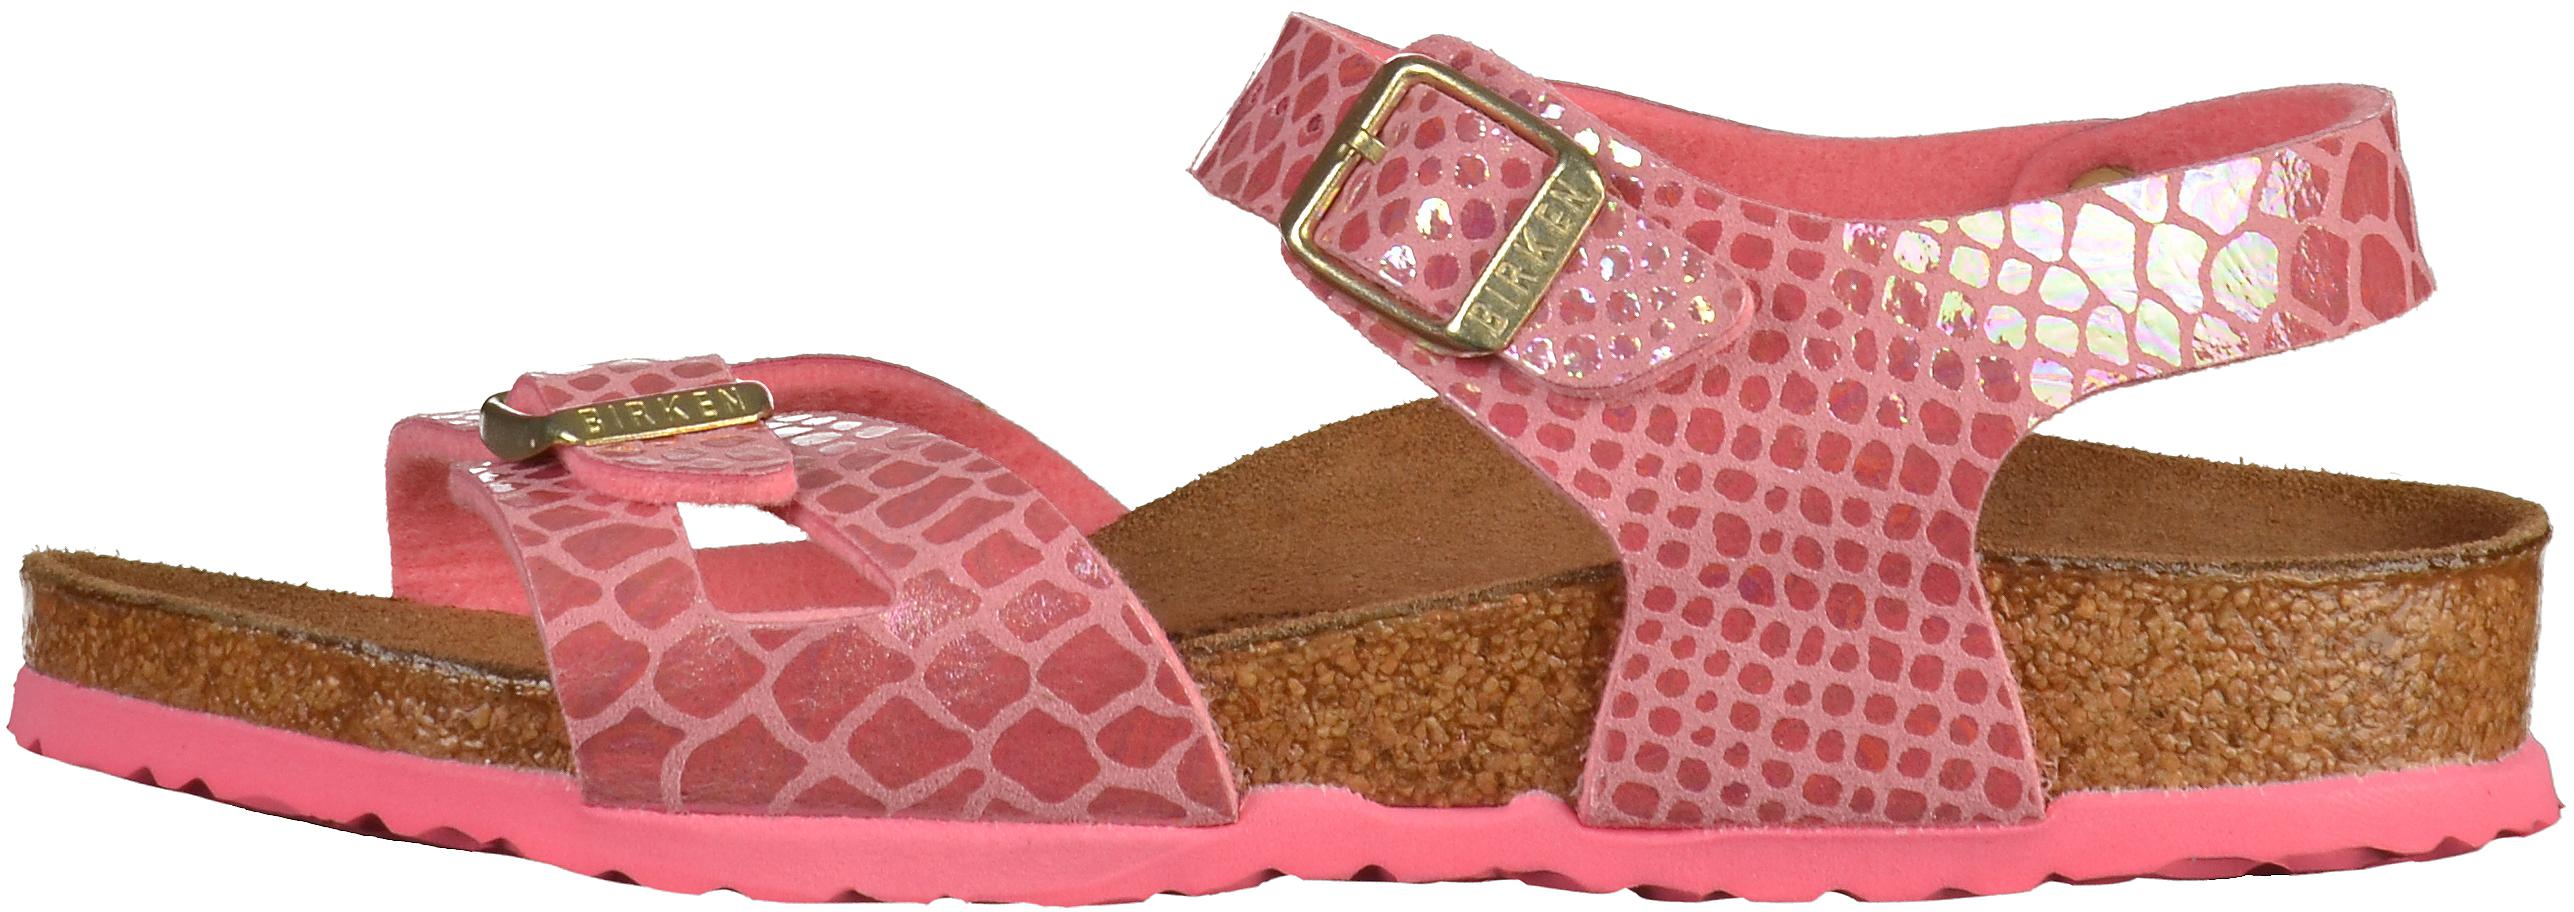 BIRKENSTOCK Rio Kids Sandals Birko-Flor Shiny Snake Pink  3b61f293f3d